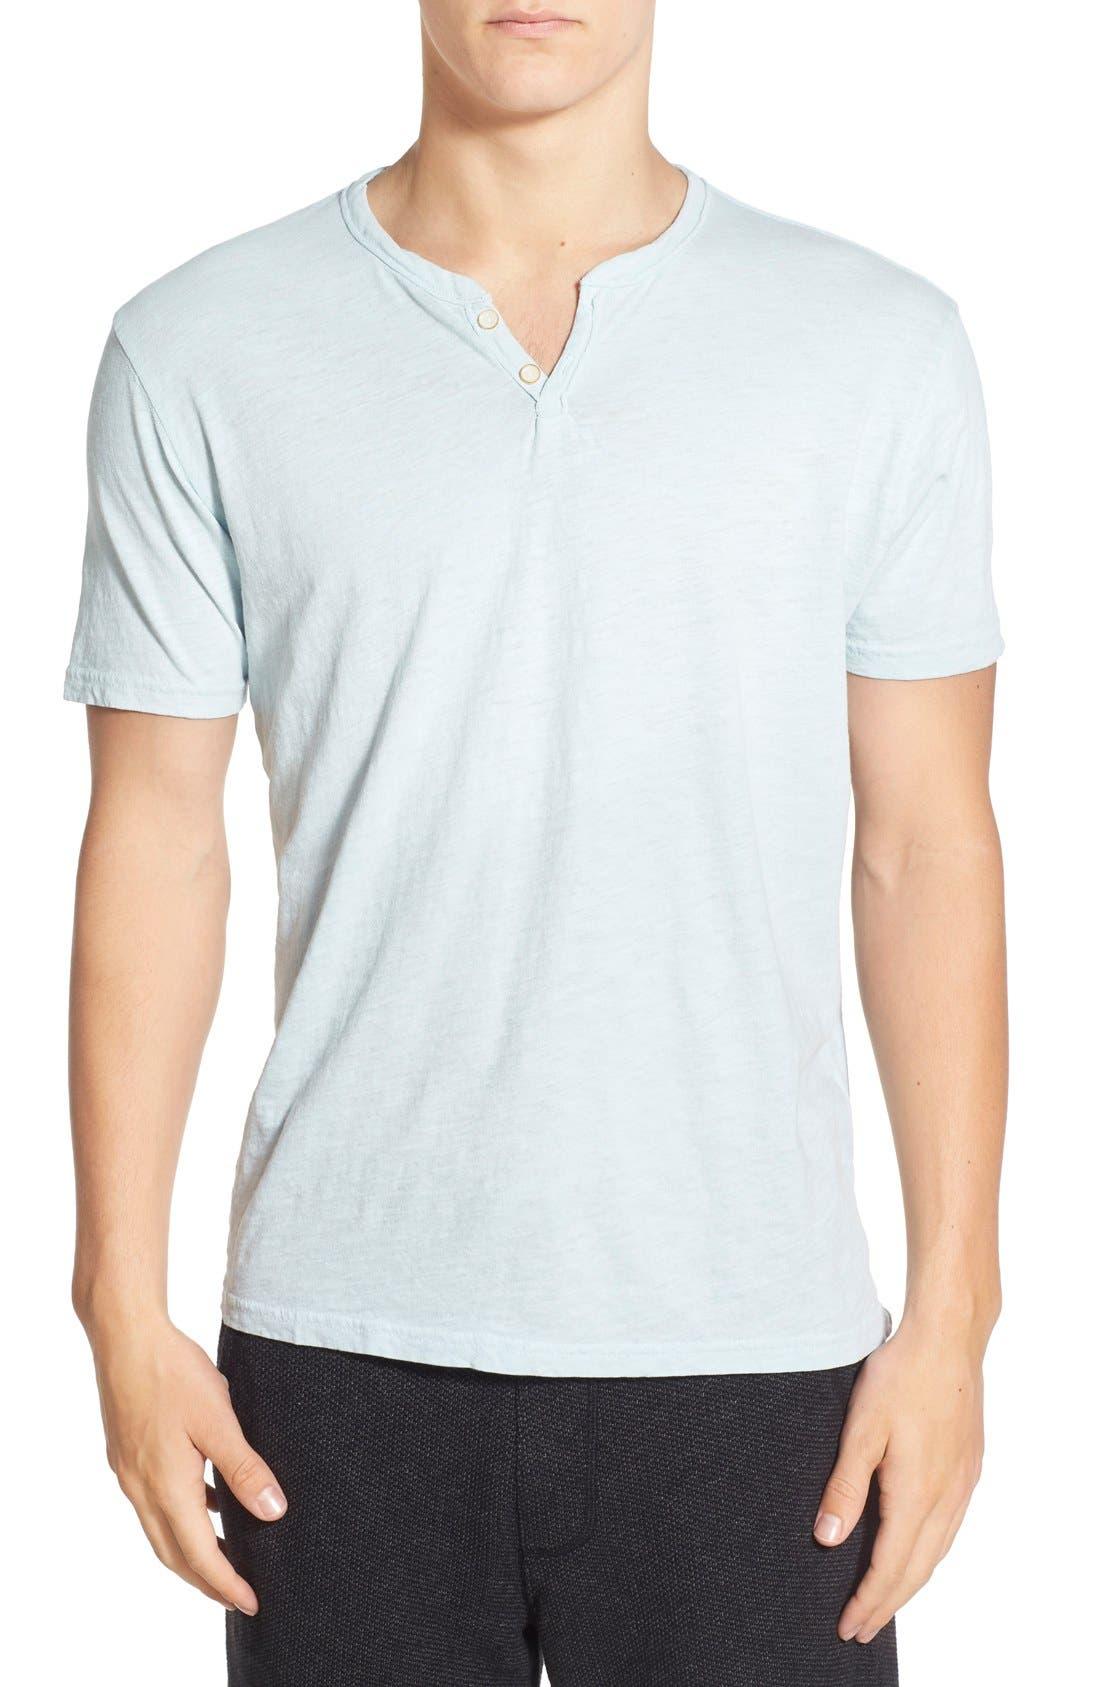 Main Image - Lucky Brand Notch Short Sleeve Henley T-Shirt